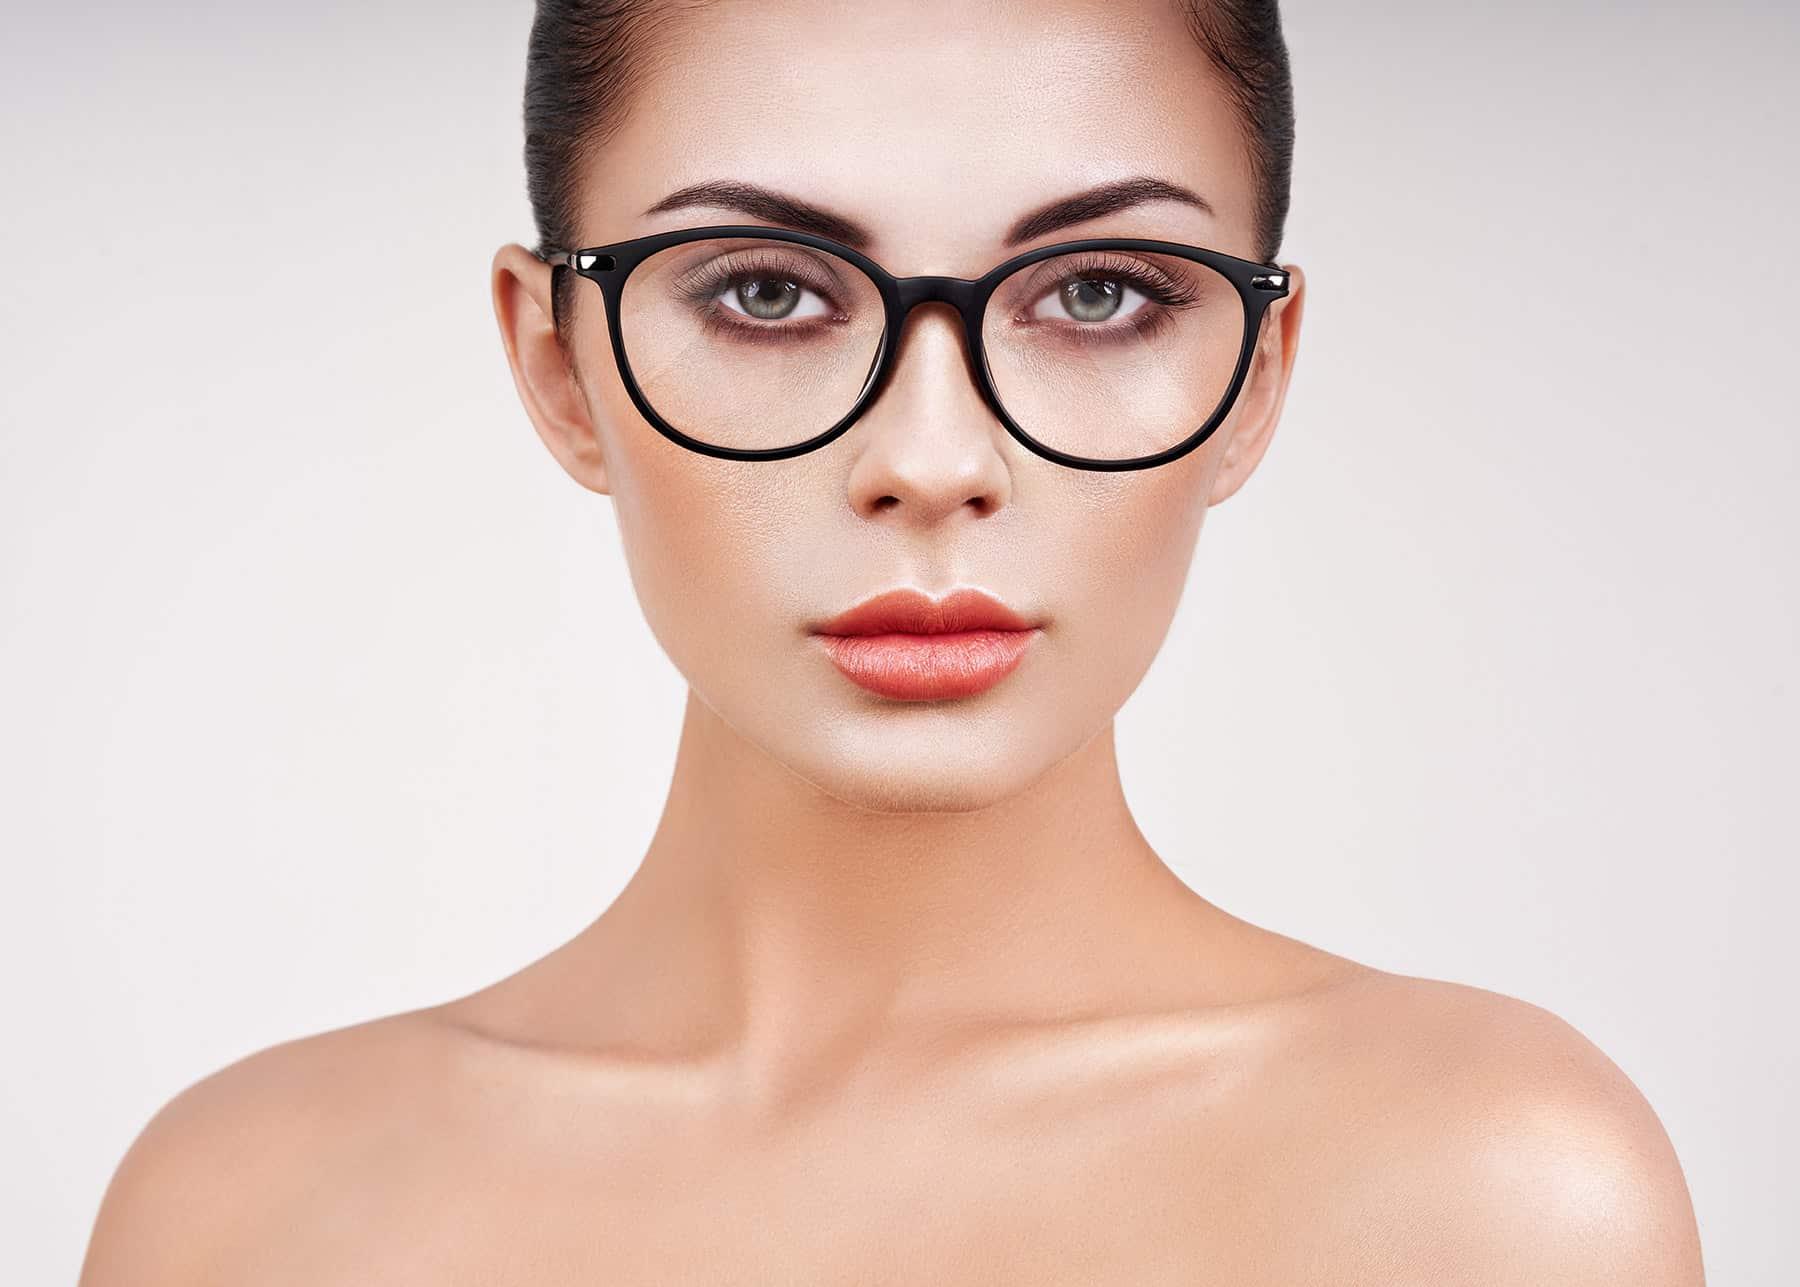 Brillenglas mit Saphir X Nuance Beschichtung